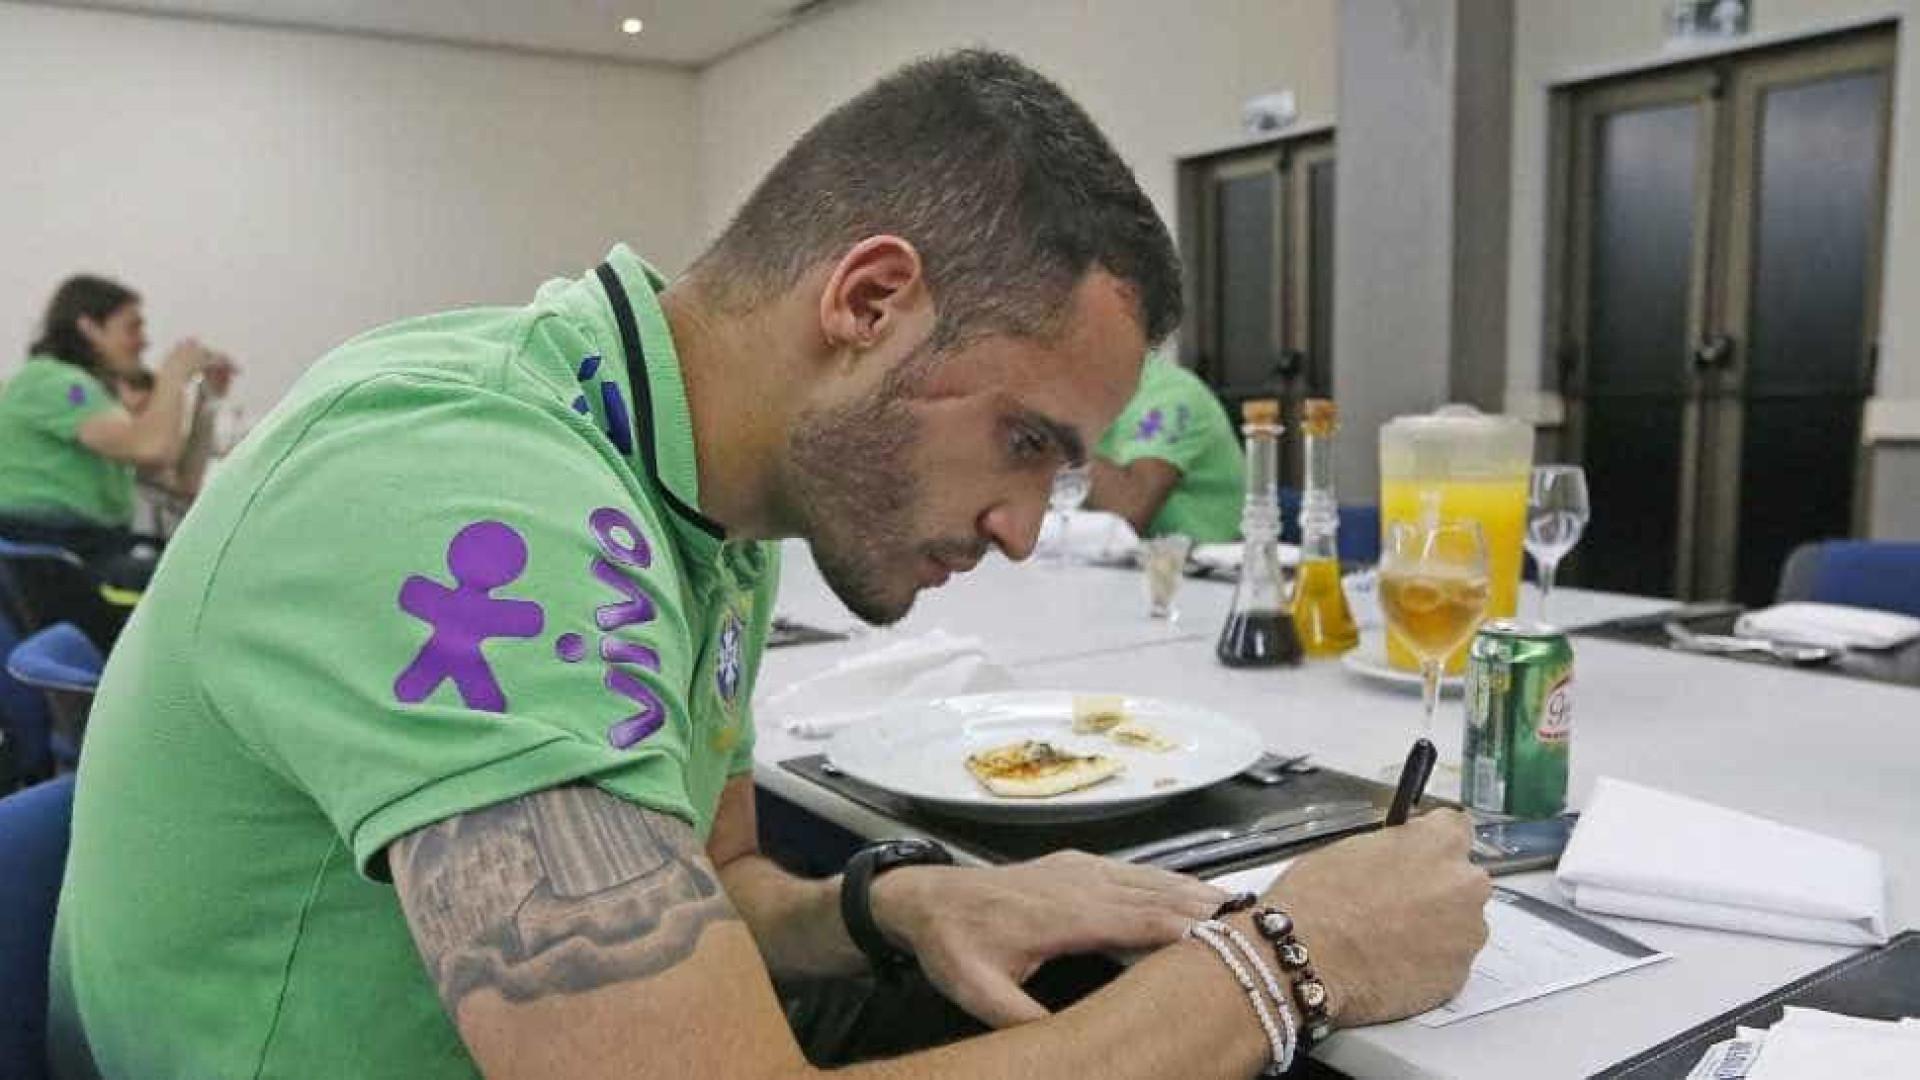 Seleção se apresenta ainda sem Neymar para jogos das Eliminatórias